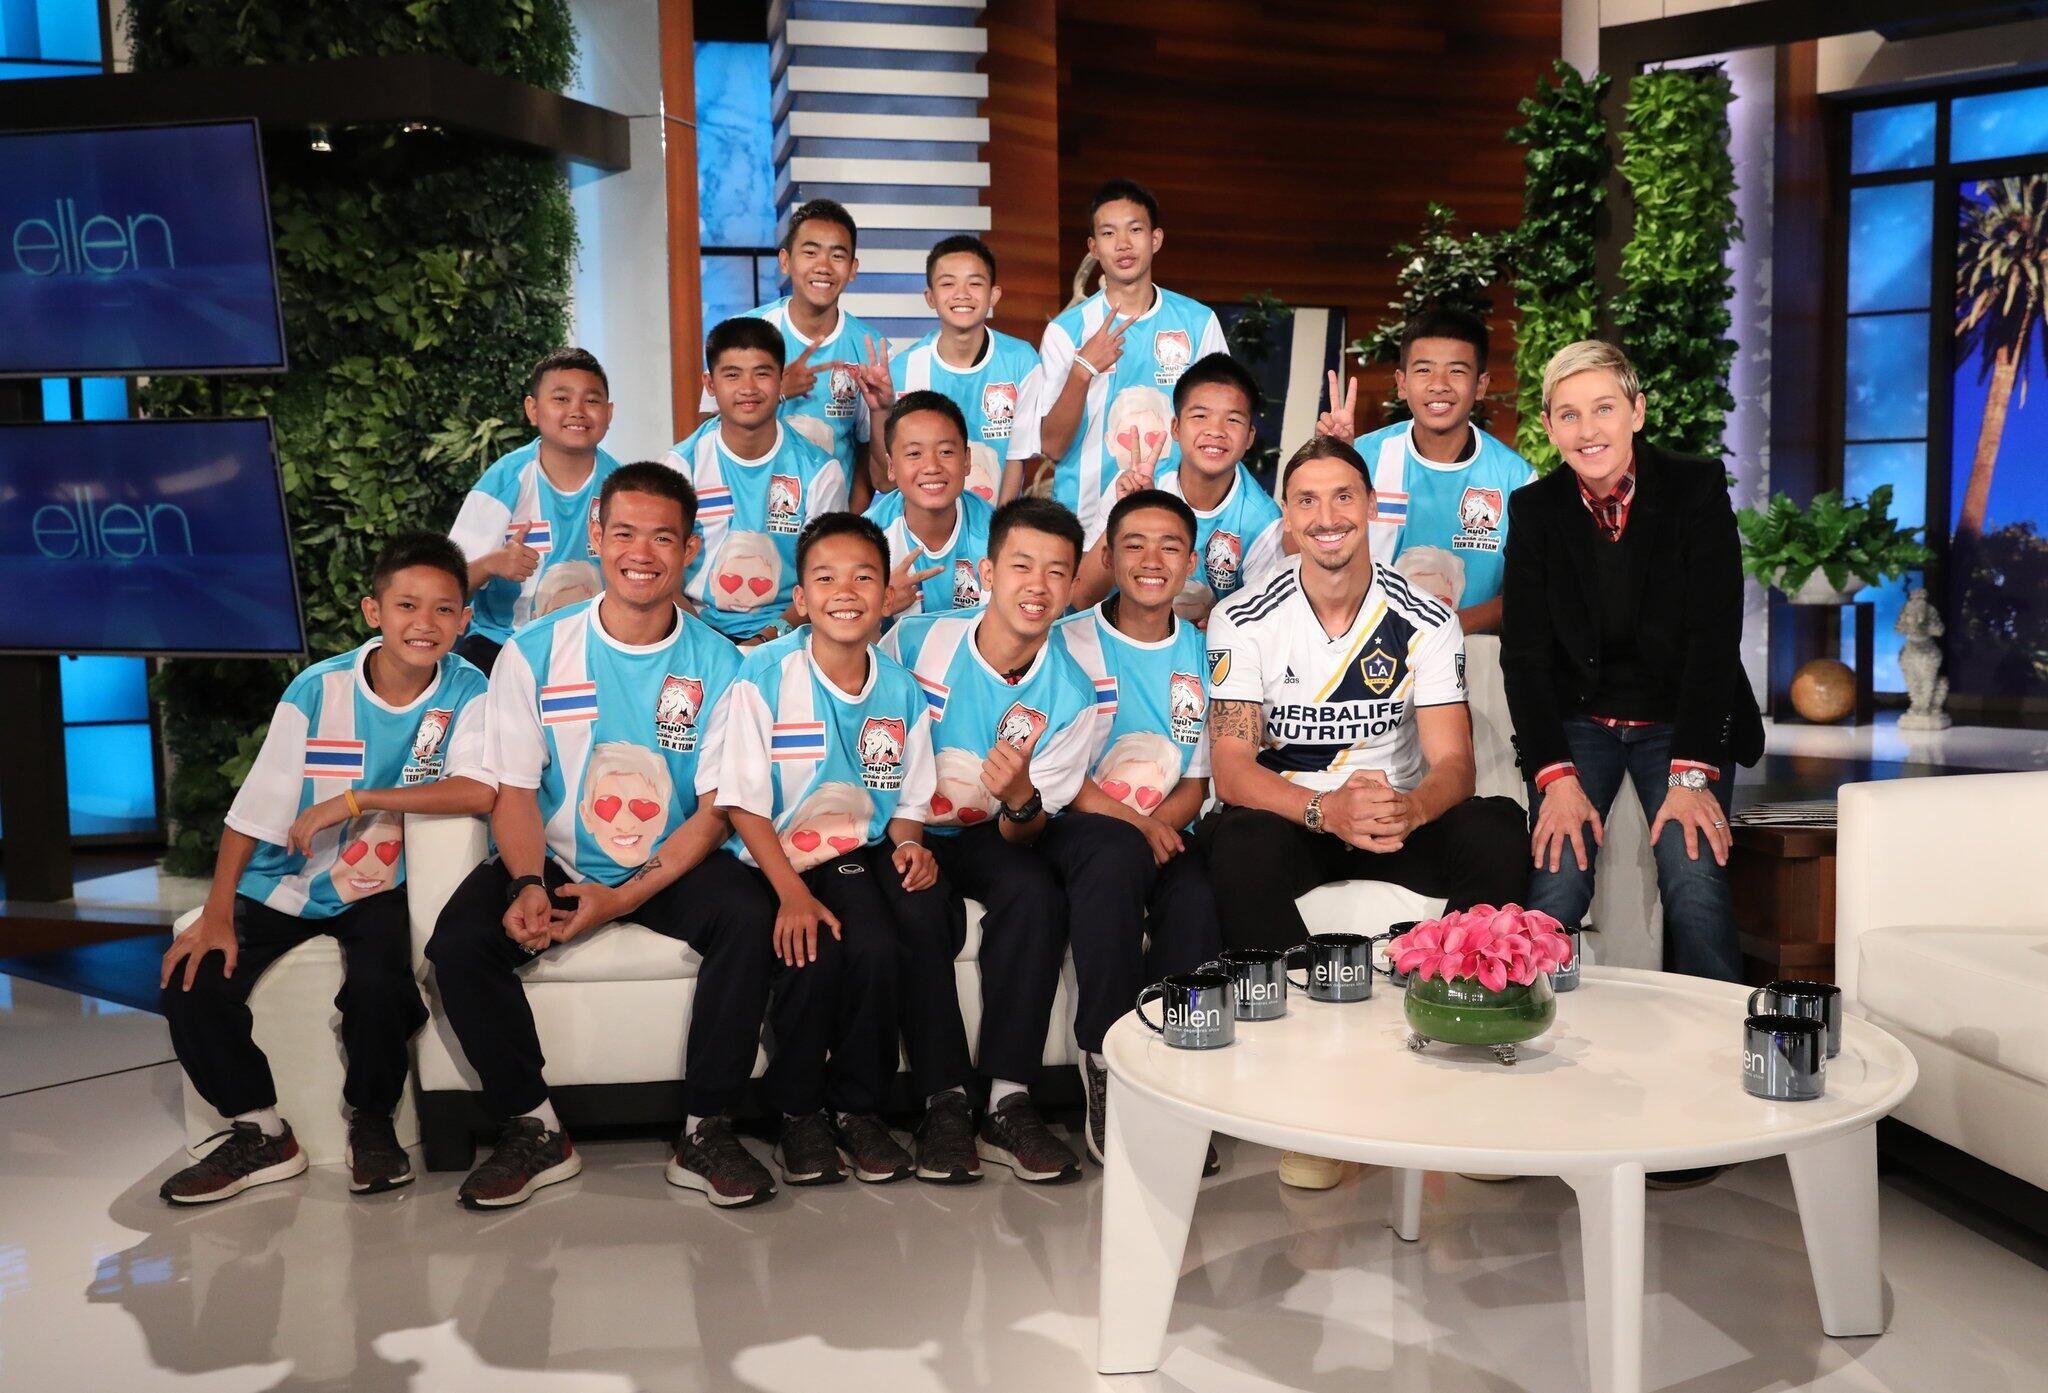 泰国野猪足球队行程满满!近日赴美录制脱口秀节目